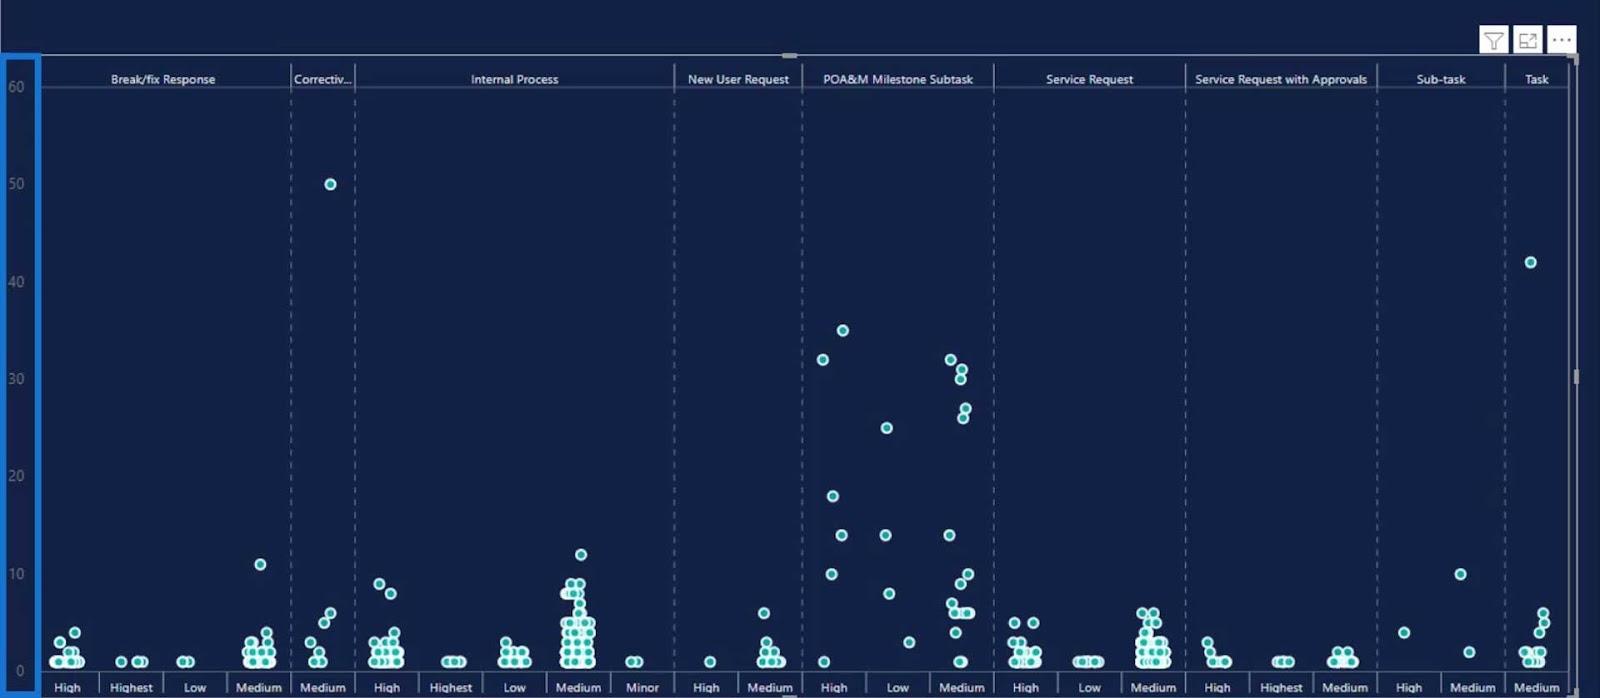 Dot Plot Graphs In Power BI